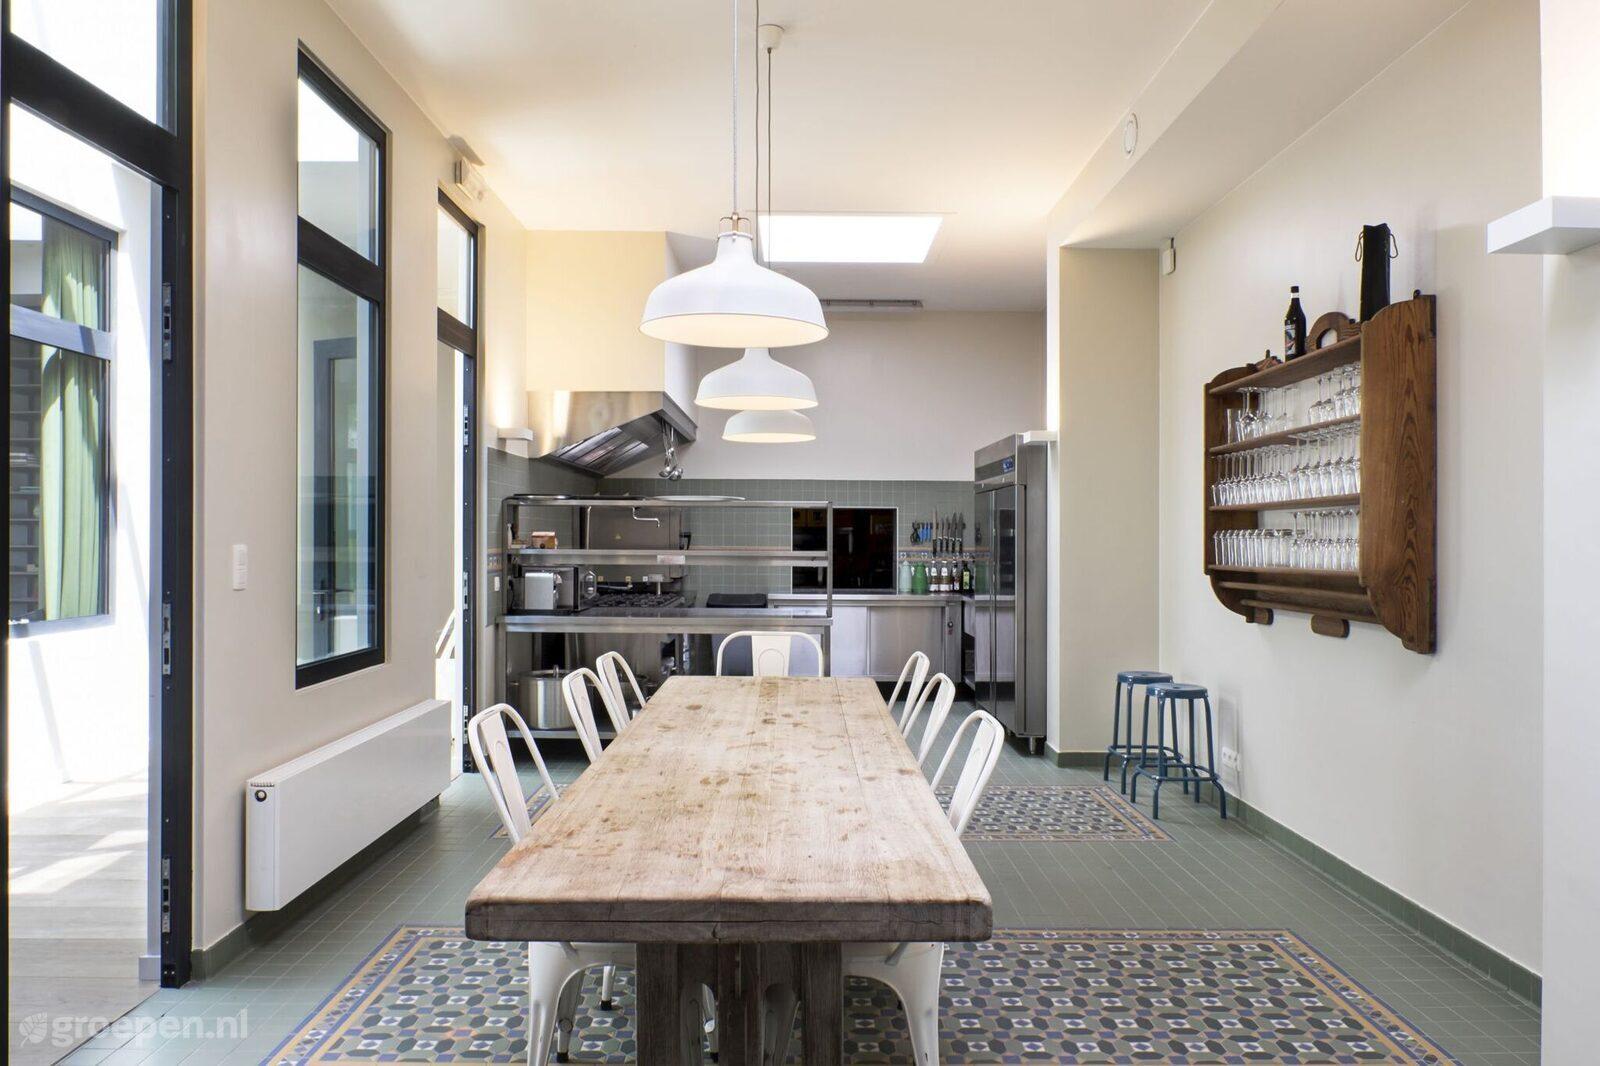 Vakantiehuis Hubermont - België - Luxemburg - 20 personen - keuken